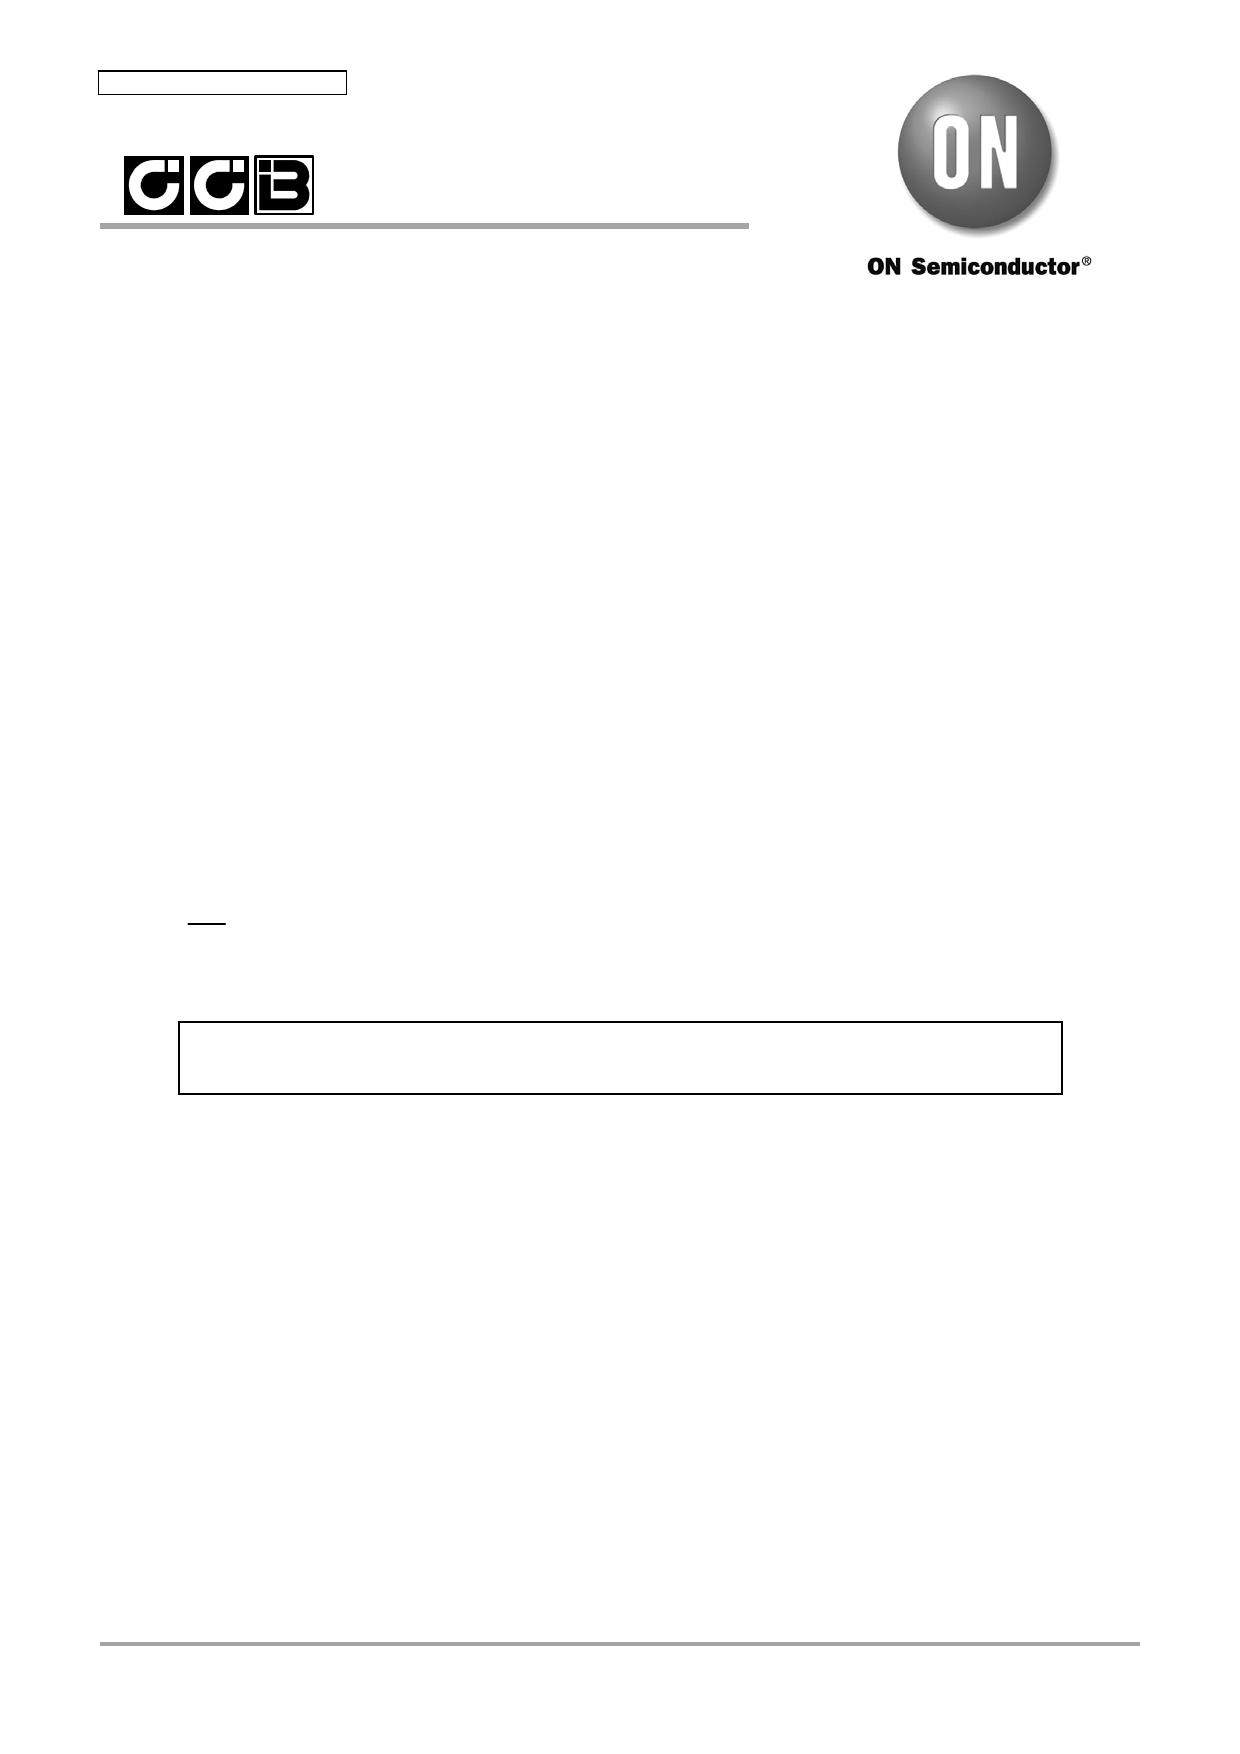 LC75844M datasheet